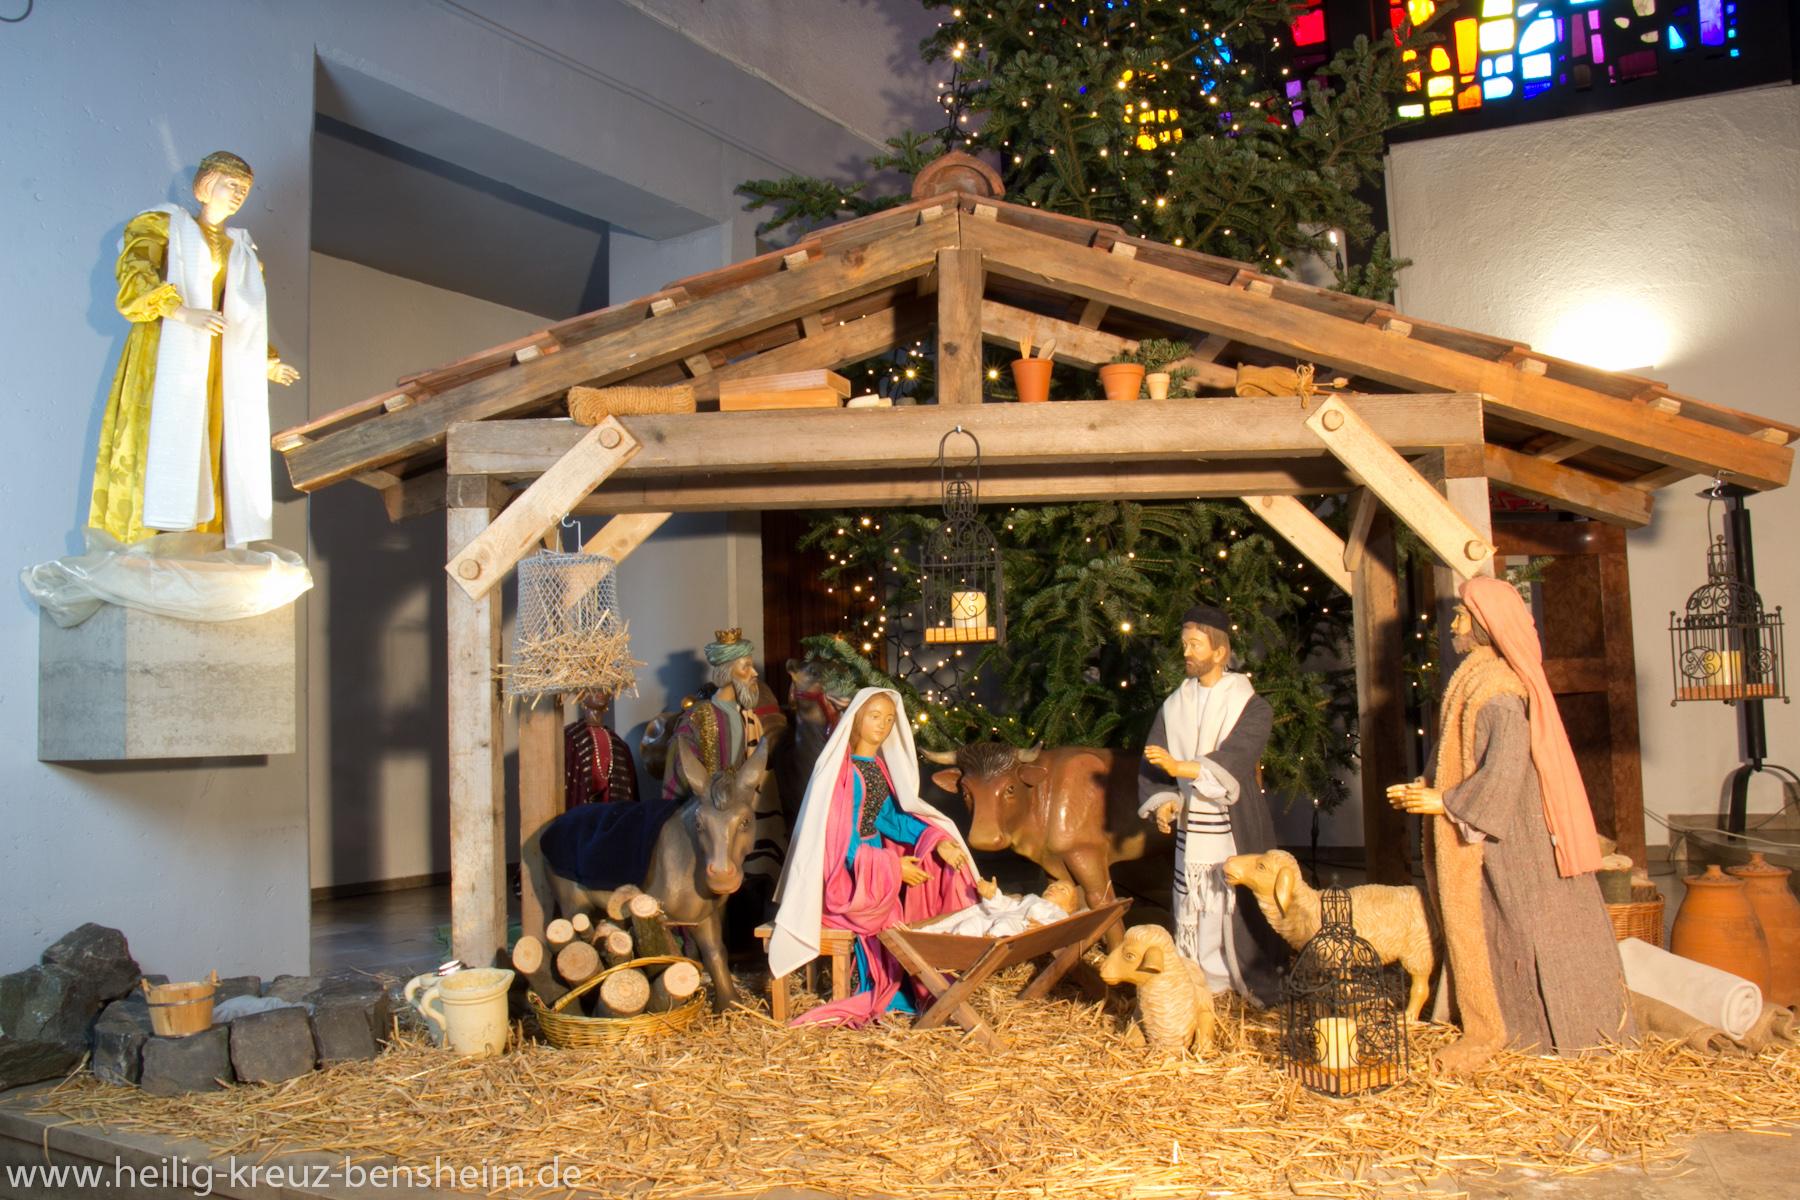 Bilder Krippe Weihnachten.Krippe Zu Weihnachten Pfarrgemeinde Heilig Kreuz